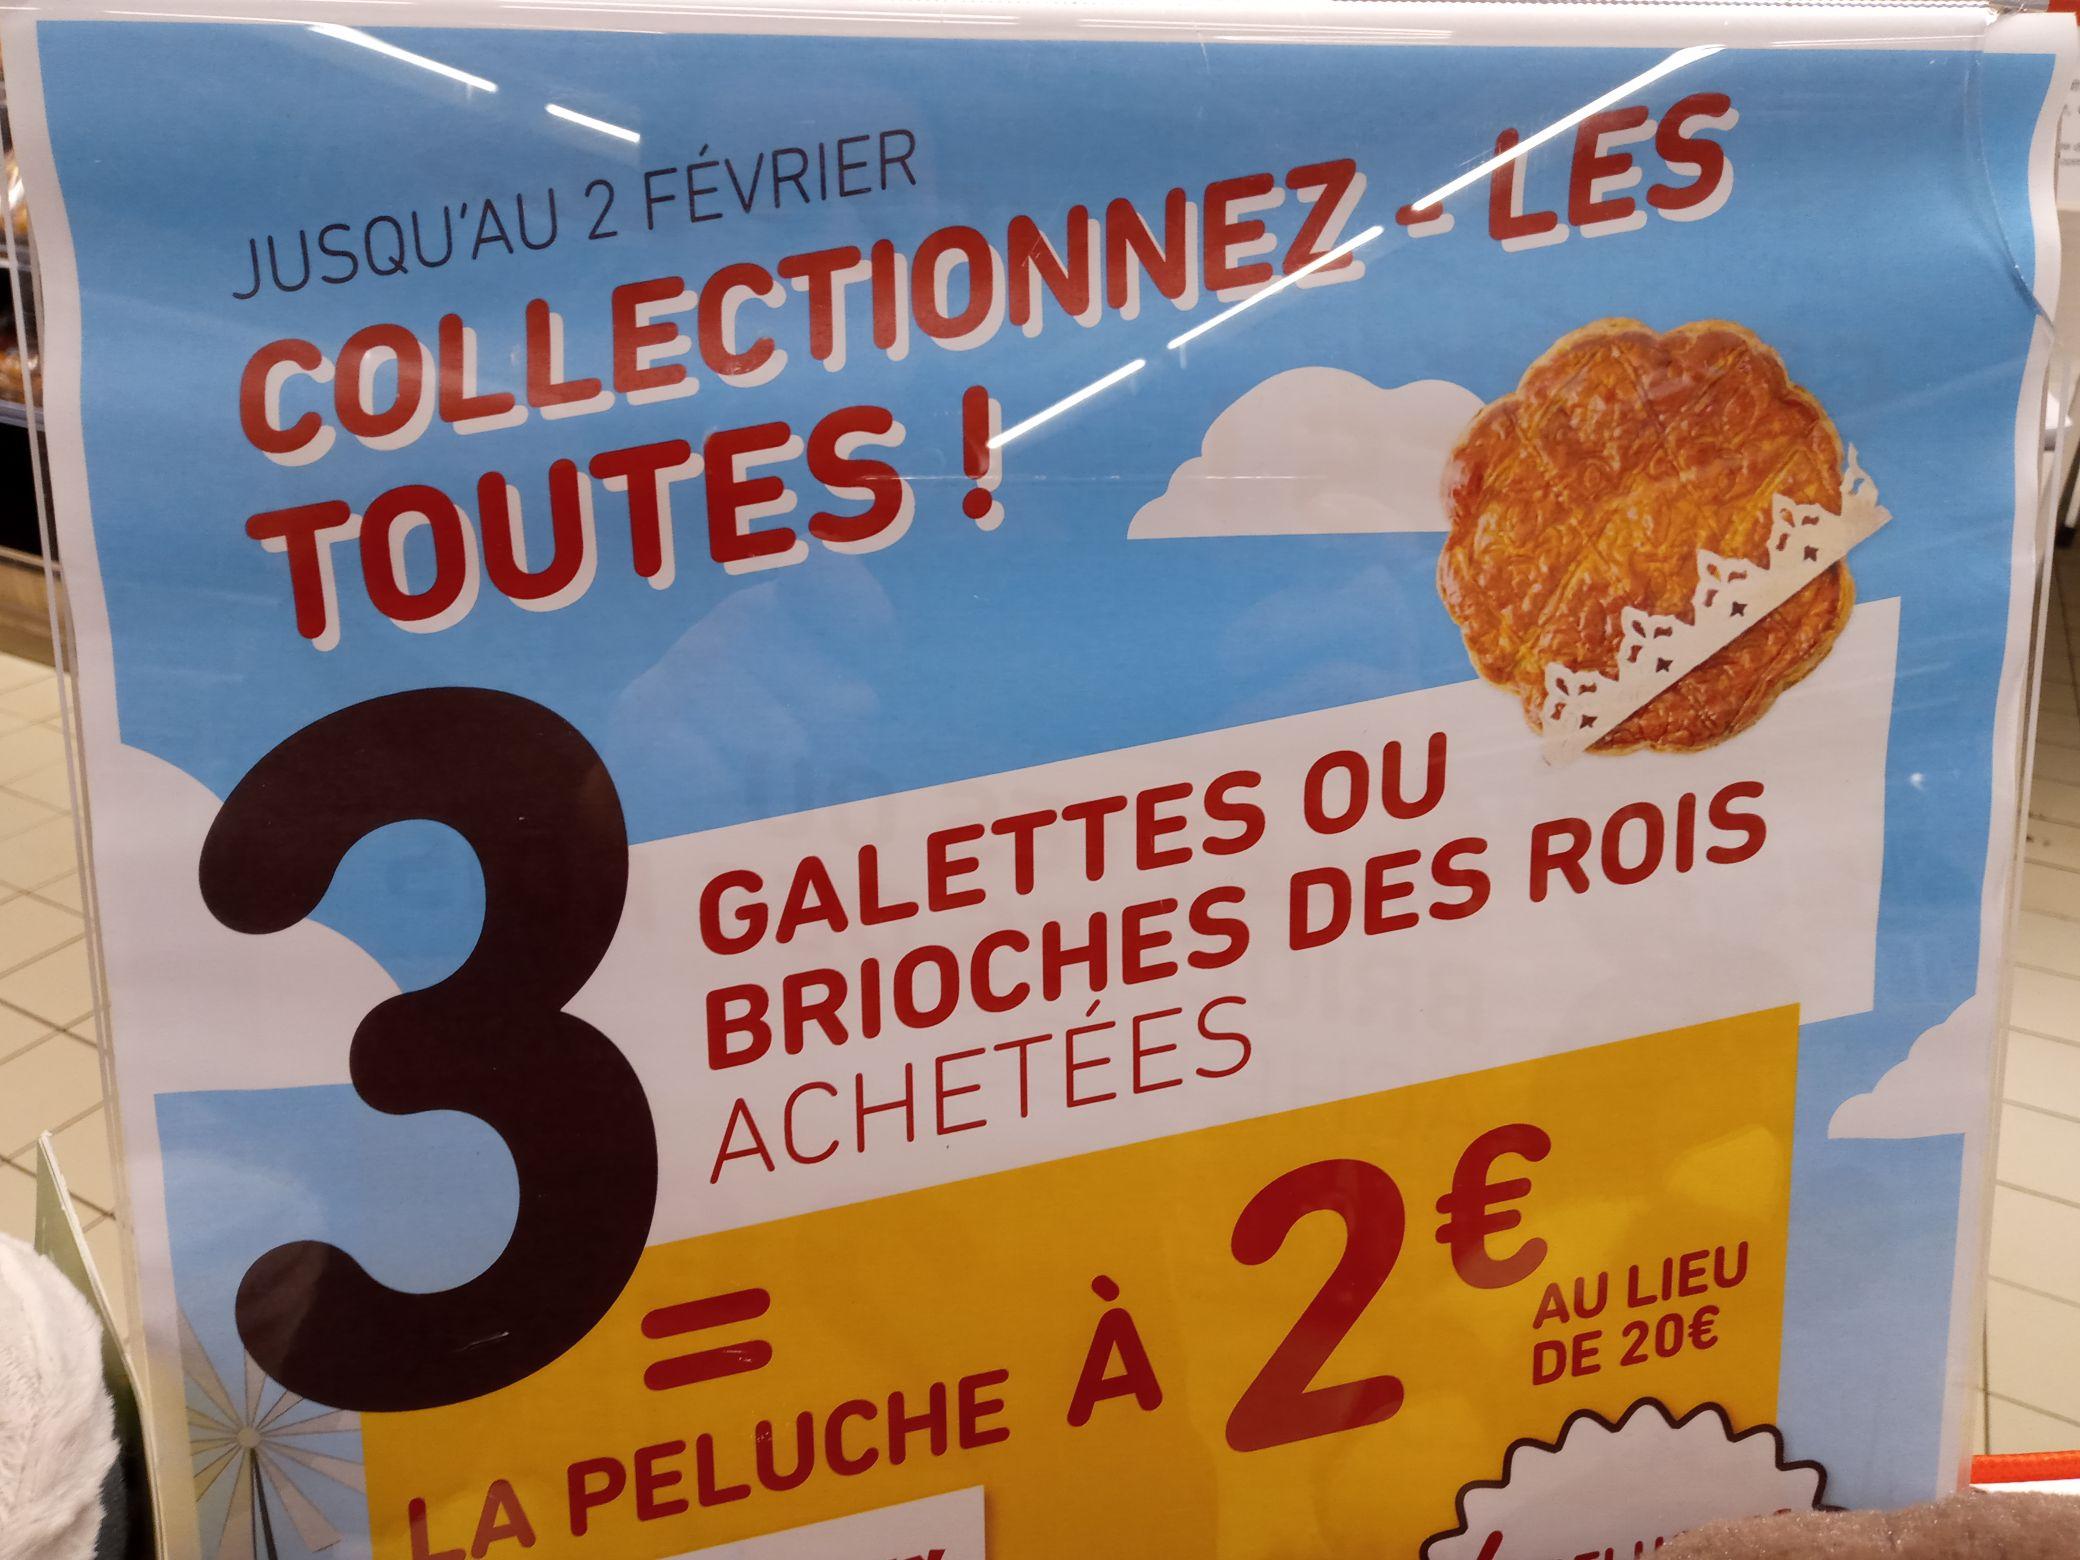 3 galettes ou brioches achetées = La peluche de la ferme à 2€ - Poitiers (86)